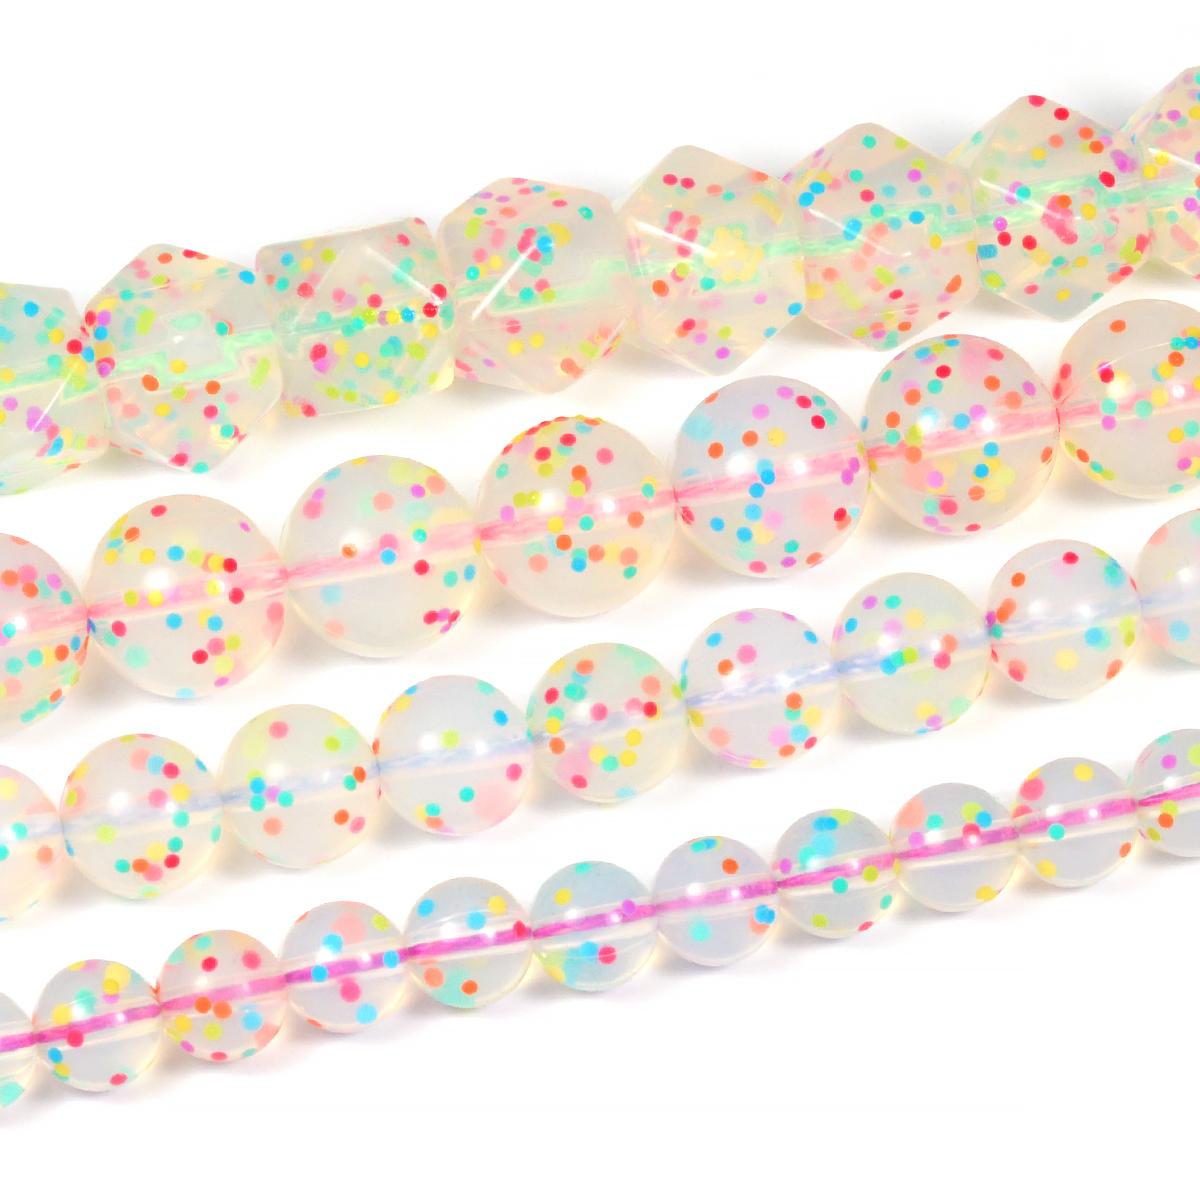 silikonpärlor konfettipärlor